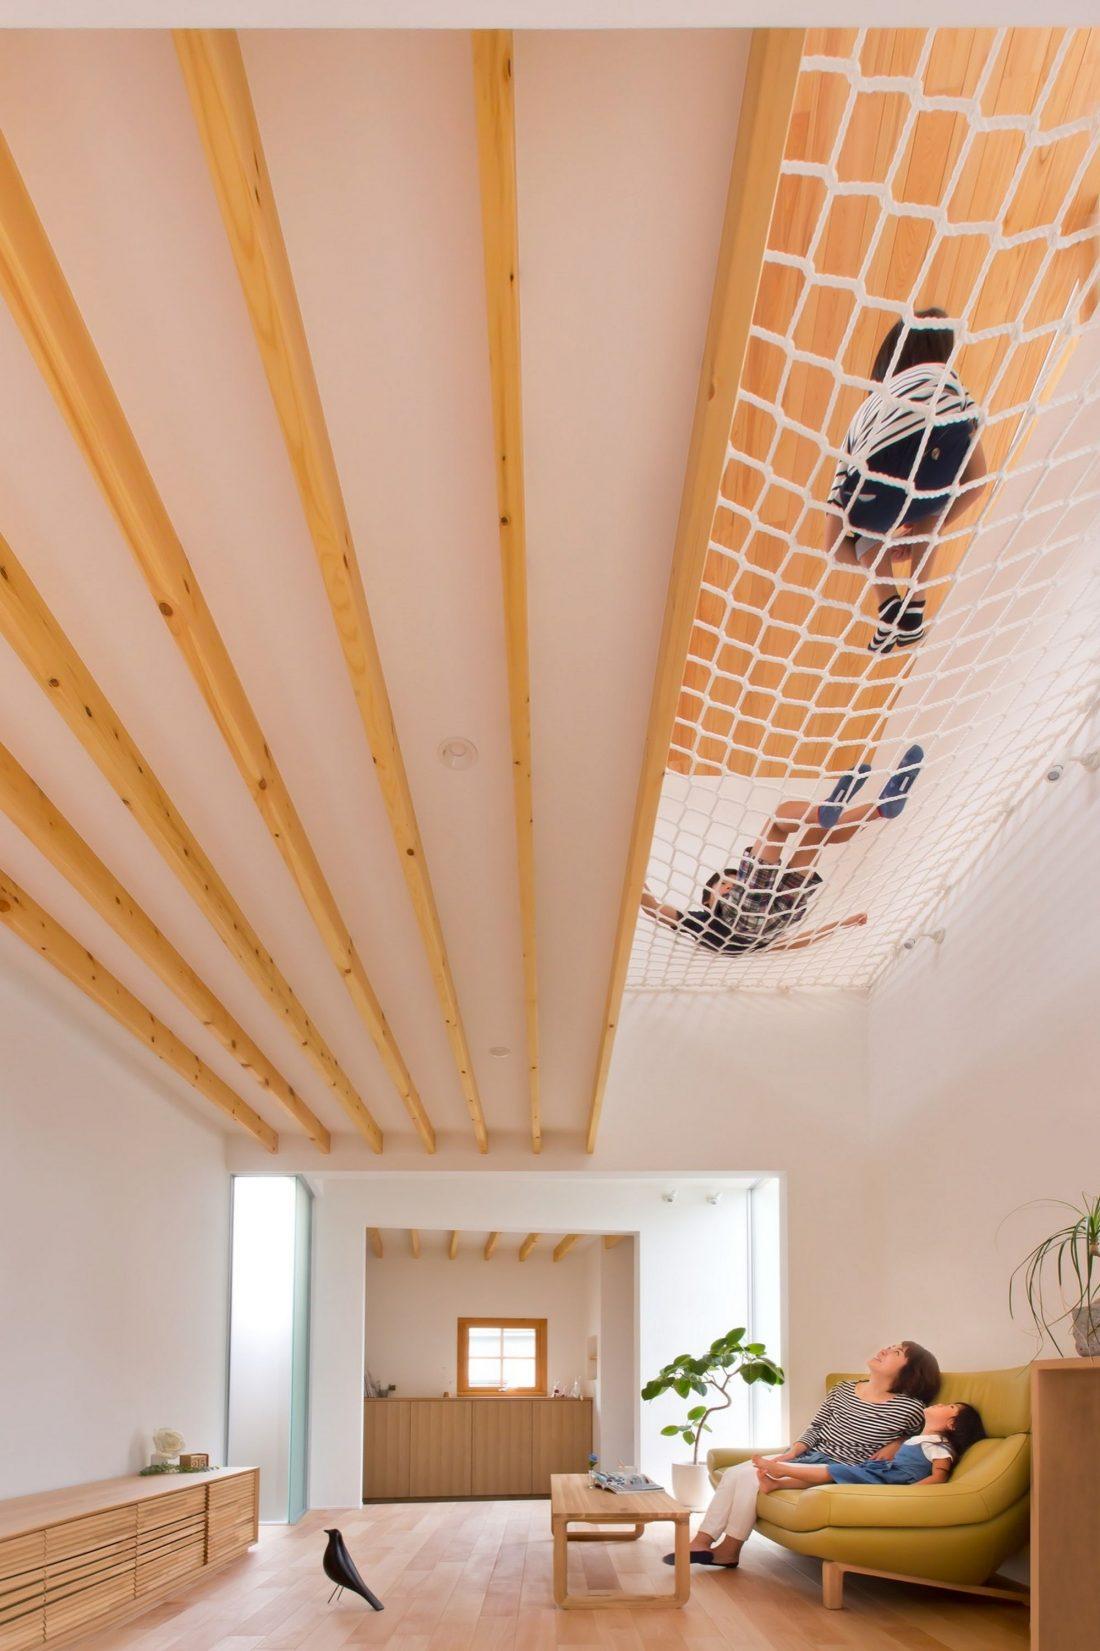 dom-v-stile-yaponskogo-minimalizma-v-kioto-proekt-alts-design-office-8